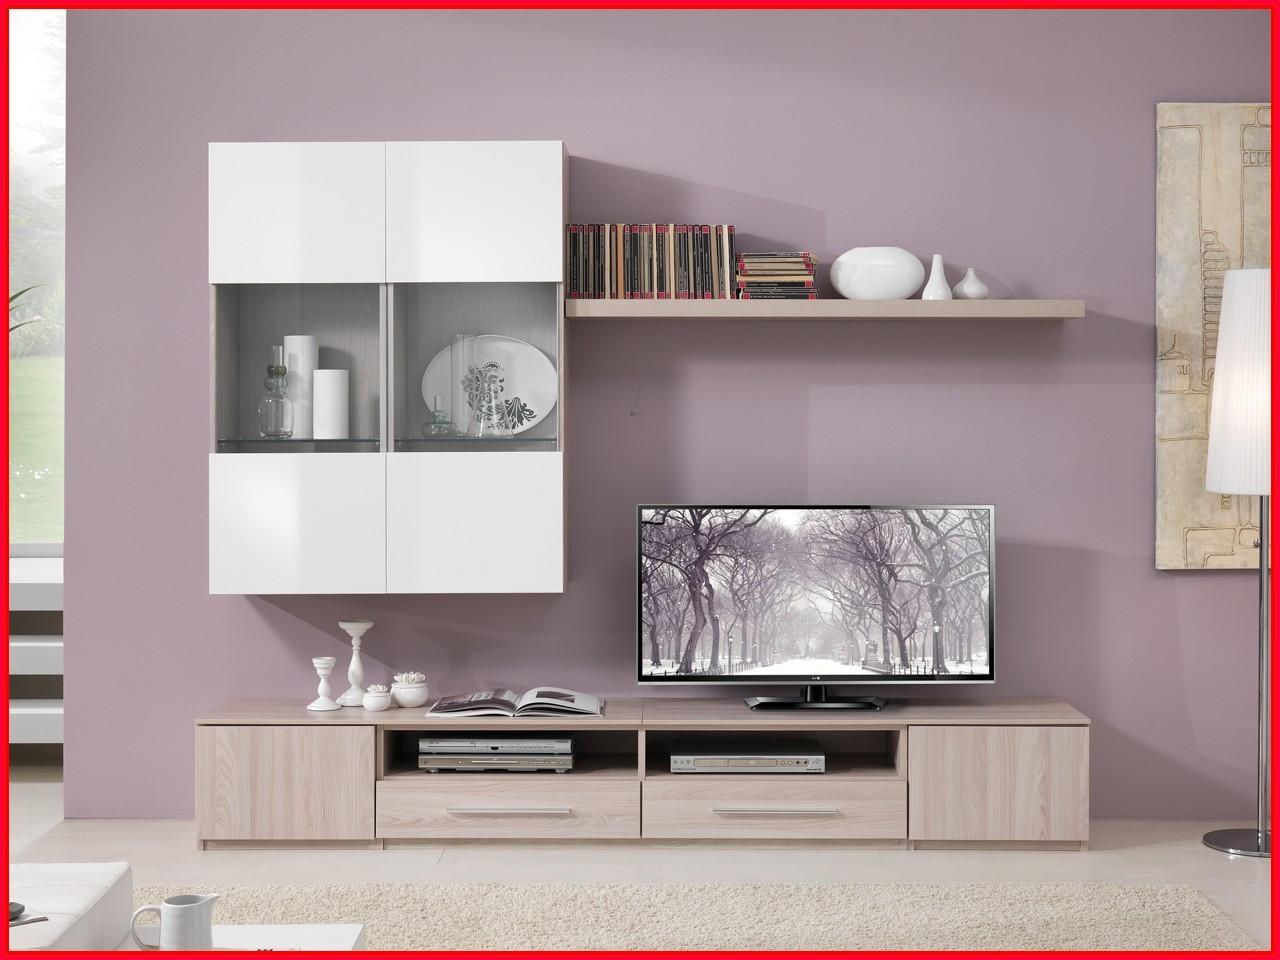 Muebles De Salon Ikea Ofertas Drdp Muebles De Salon Ikea Ofertas Muebles De Salon Ikea Ertas